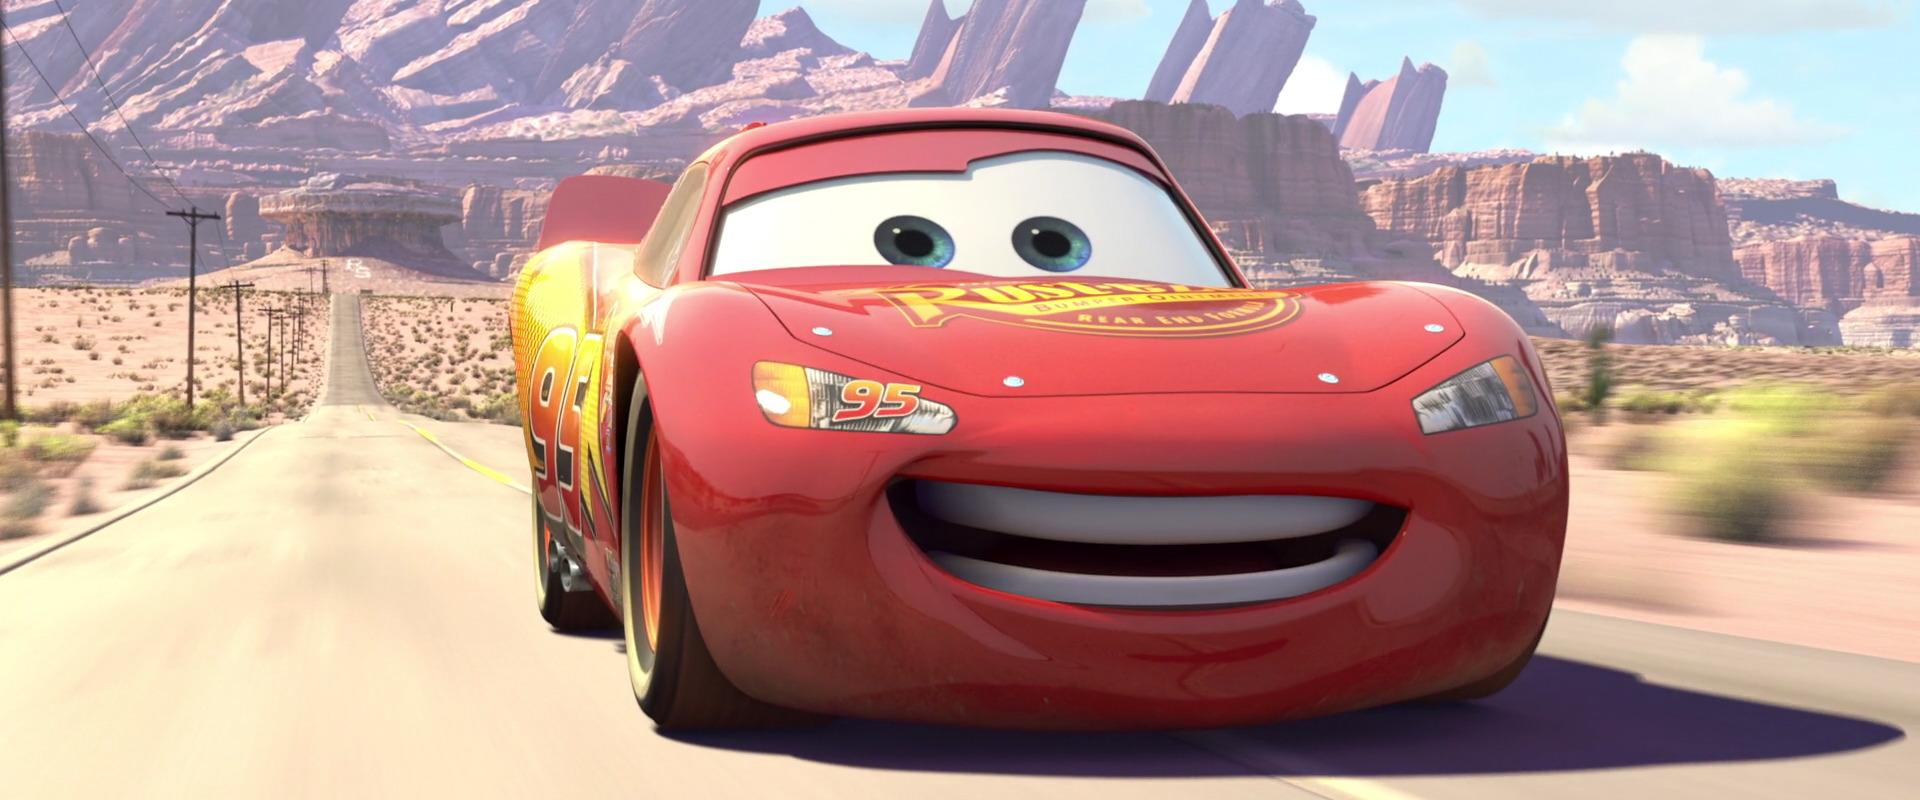 Flash mcqueen personnage dans cars pixar planet fr - Flash mcqueen et mack ...